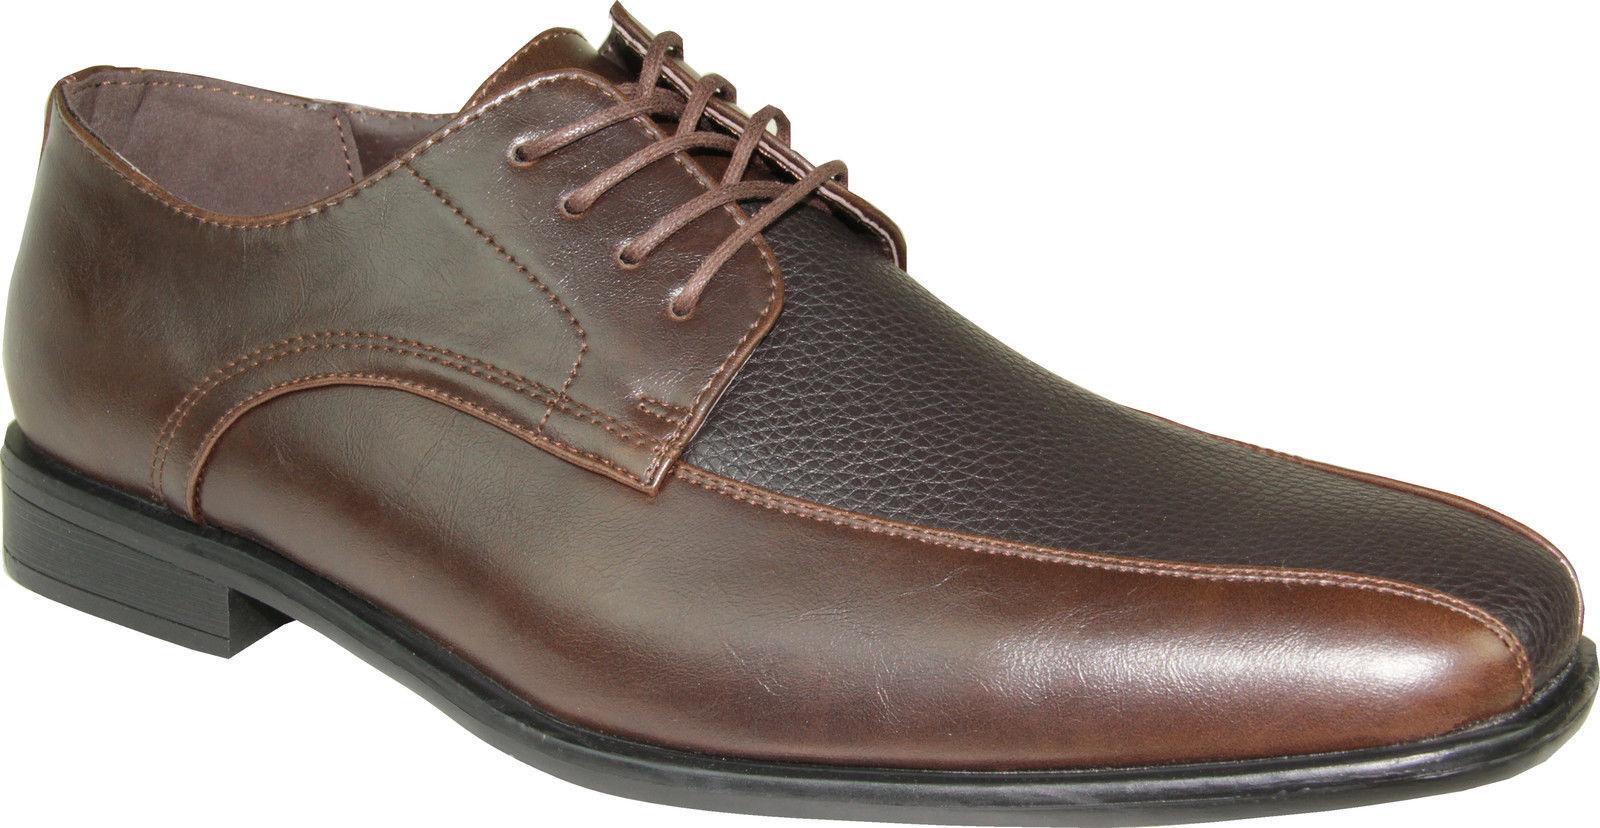 BRAVO nuovo KELLY-3 Dress sautope classeic Oxford Leather Lining Marronee Sautope classeiche da uomo